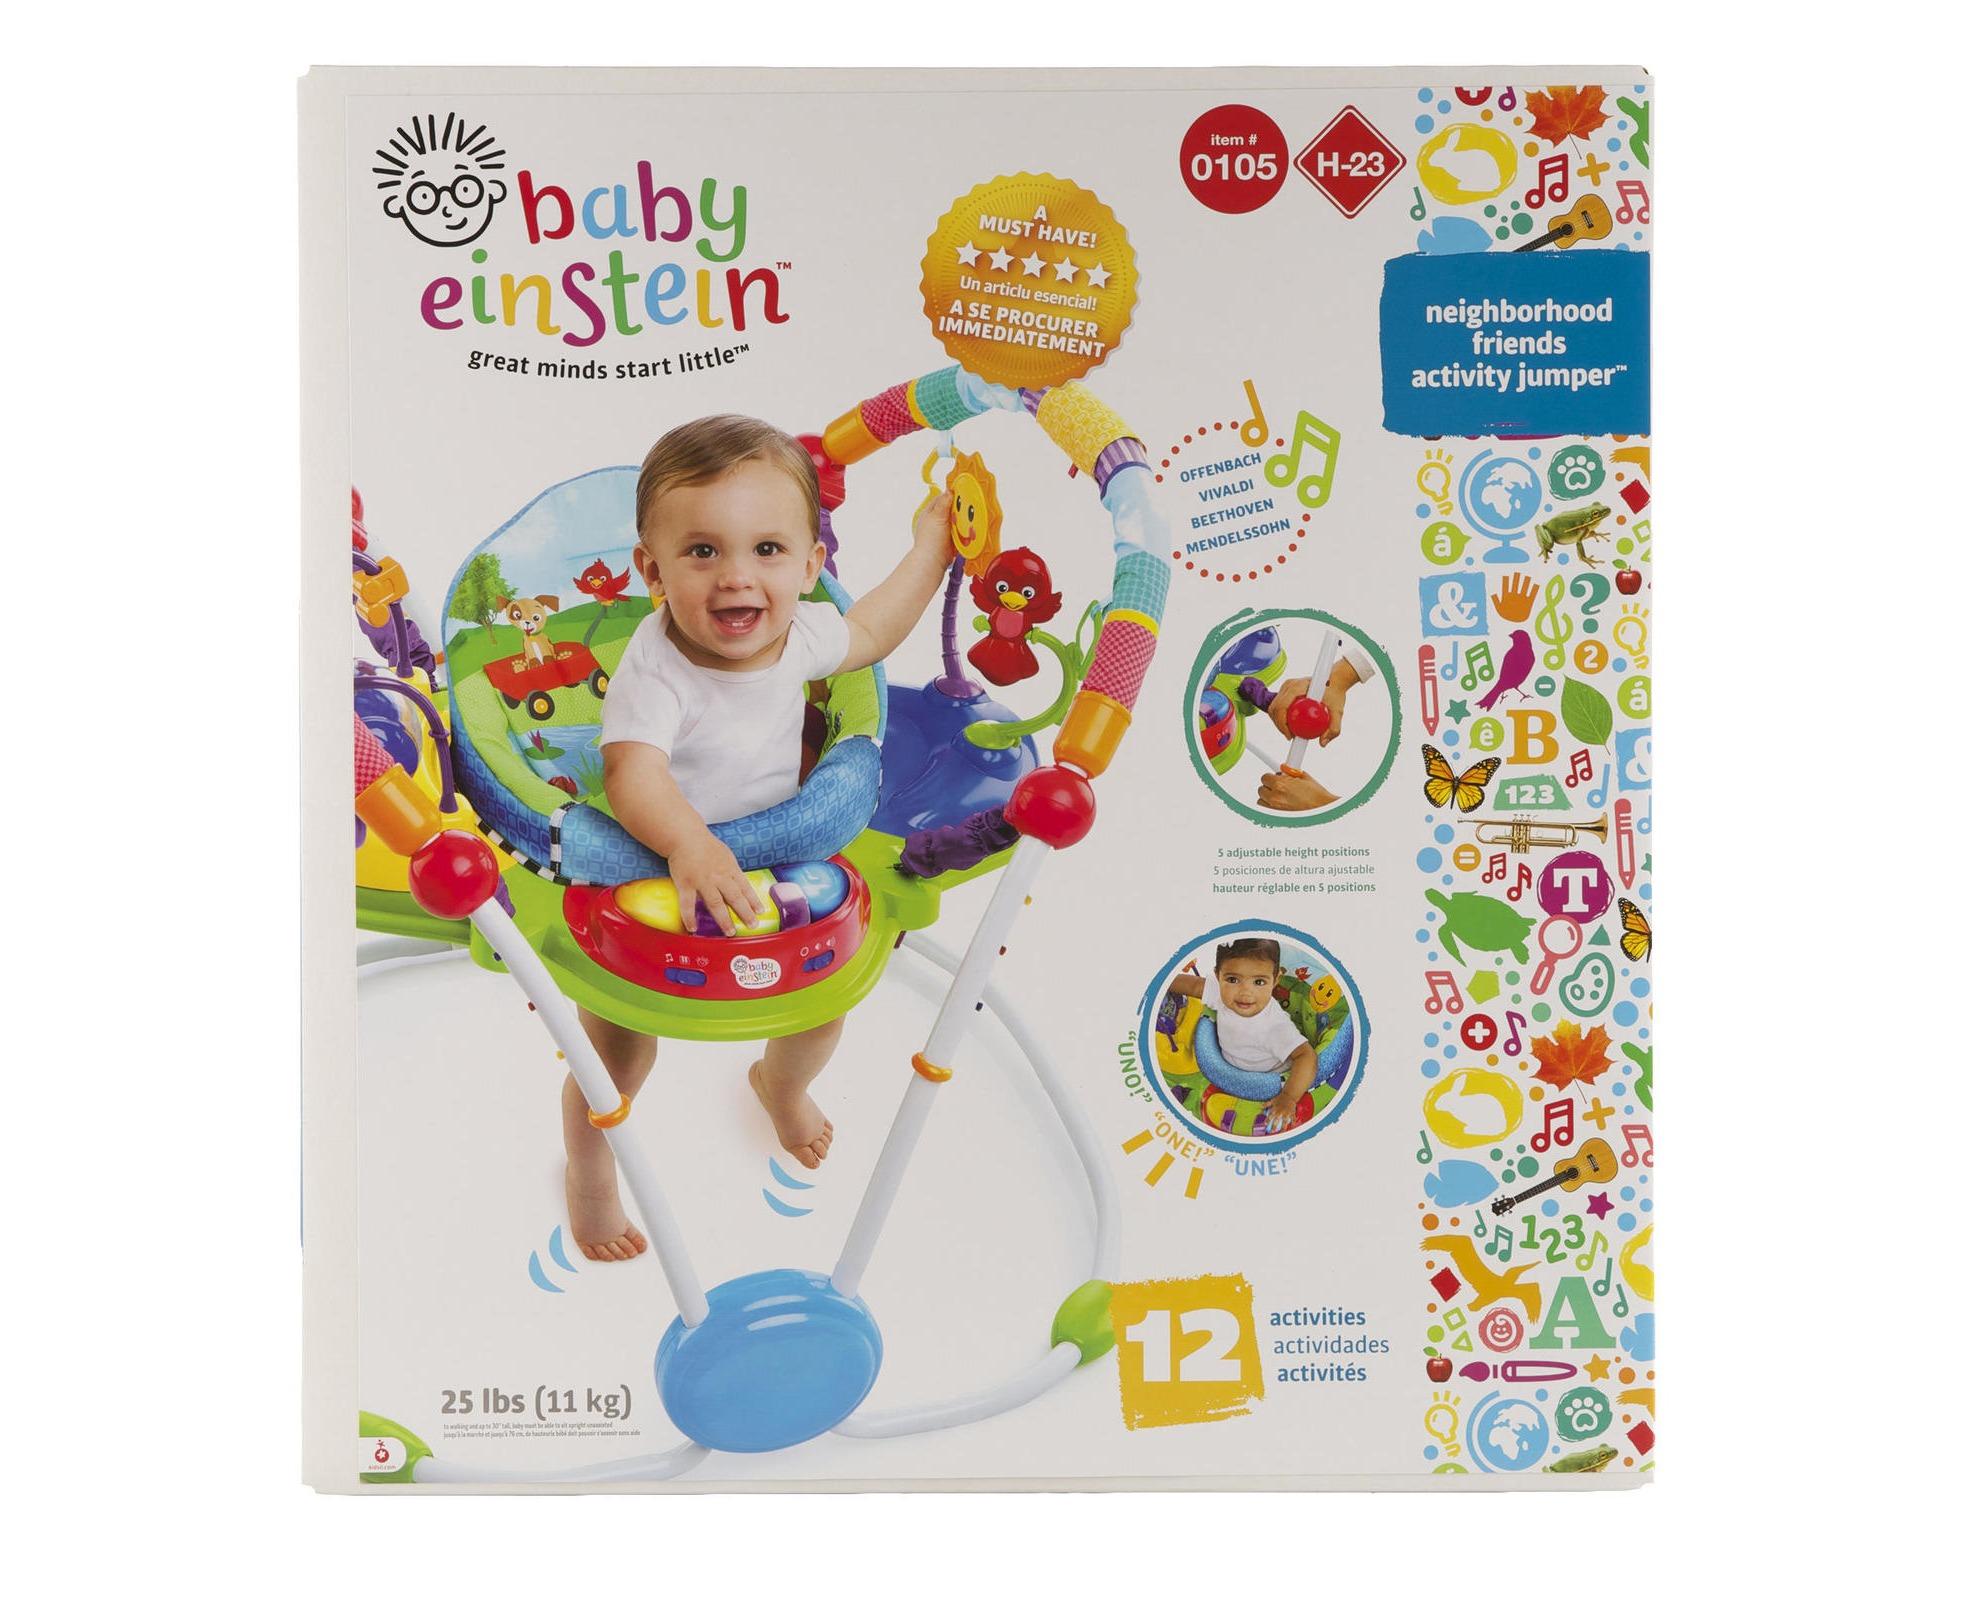 c7fca6810324 Baby Einstein Neighborhood Friends Activity Jumper Bouncer Cradling ...